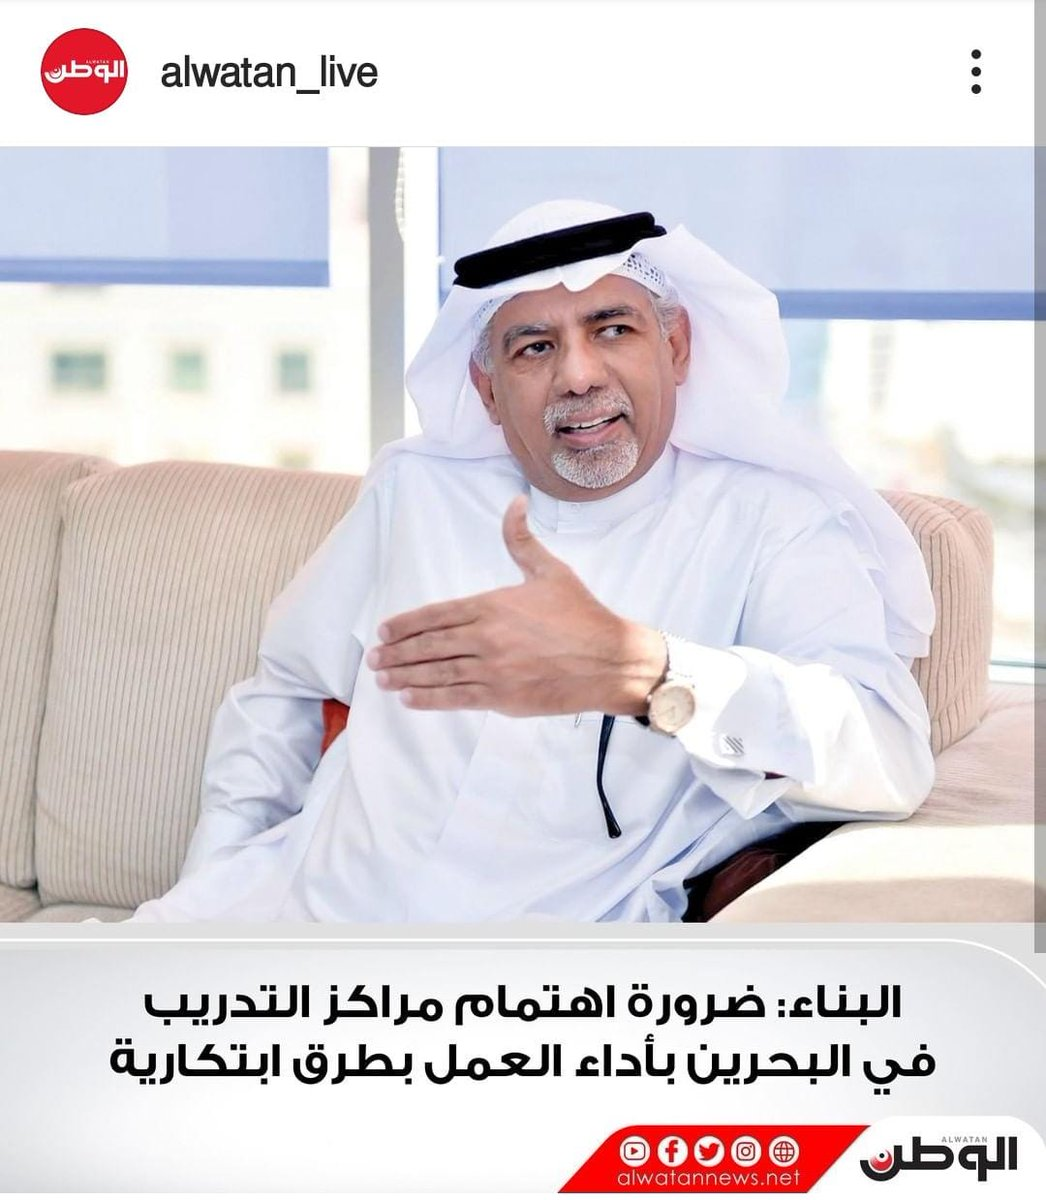 الدكتور أحمد البناء الرئيس التنفيذي لمجموعة أوريجين ورئيس مجلس إدارة مركز أوريجين للتدريب: ضرورة أهتمام مراكز التدريب في البحرين بأداء العمل بطرق إبتكارية  لمتابعة التصريح الصحفي https://www.instagram.com/p/CAWJSBJohEt/?igshid=19tzzz8y2j62o…  @Alwatan_Live #Bahrain #Origincarespic.twitter.com/0axhhReieb – at Origin Training Centre